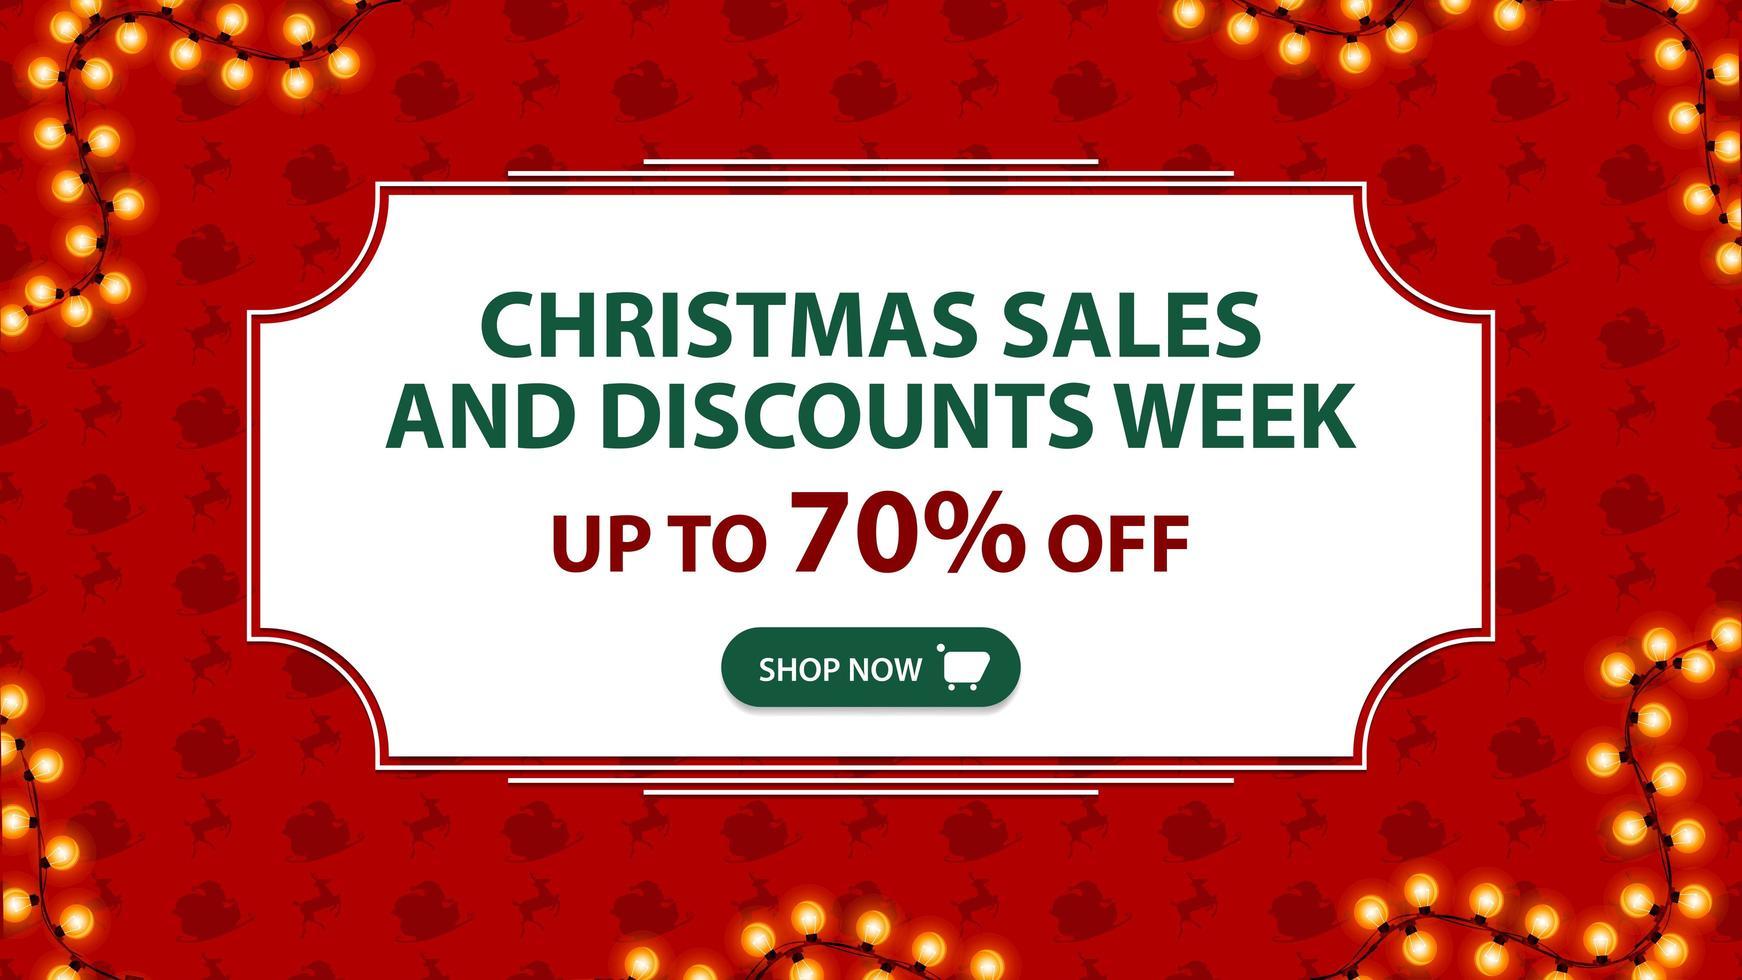 Ventas navideñas y semana de descuentos, hasta 70 de descuento, pancarta roja con marco blanco vintage y patrón con trineo de santa claus y renos vector